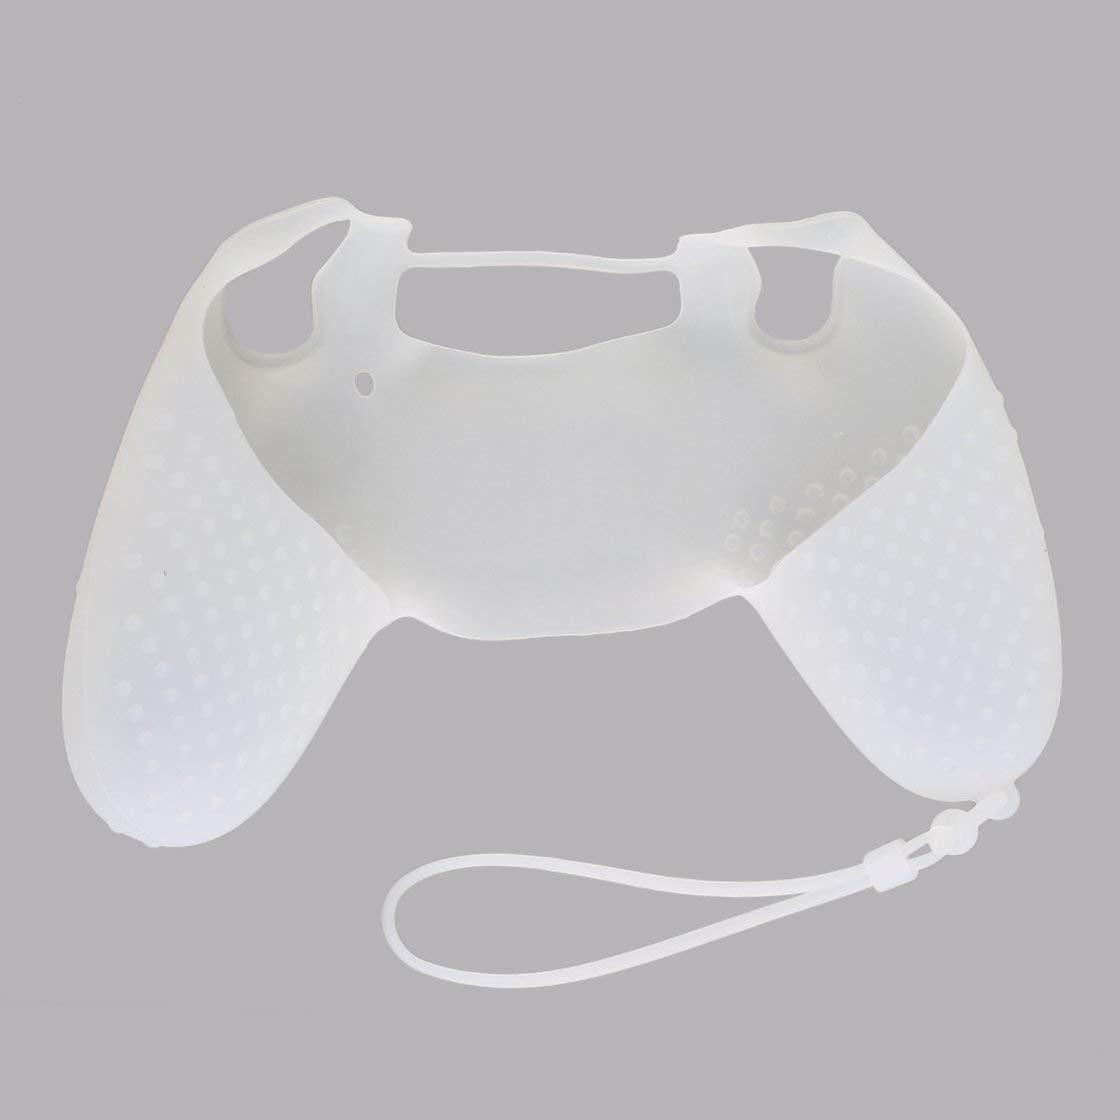 Funda protectora de piel suave de silicona de dise/ño /único con cuerda manual para controlador SONY PS4 camuflaje negro